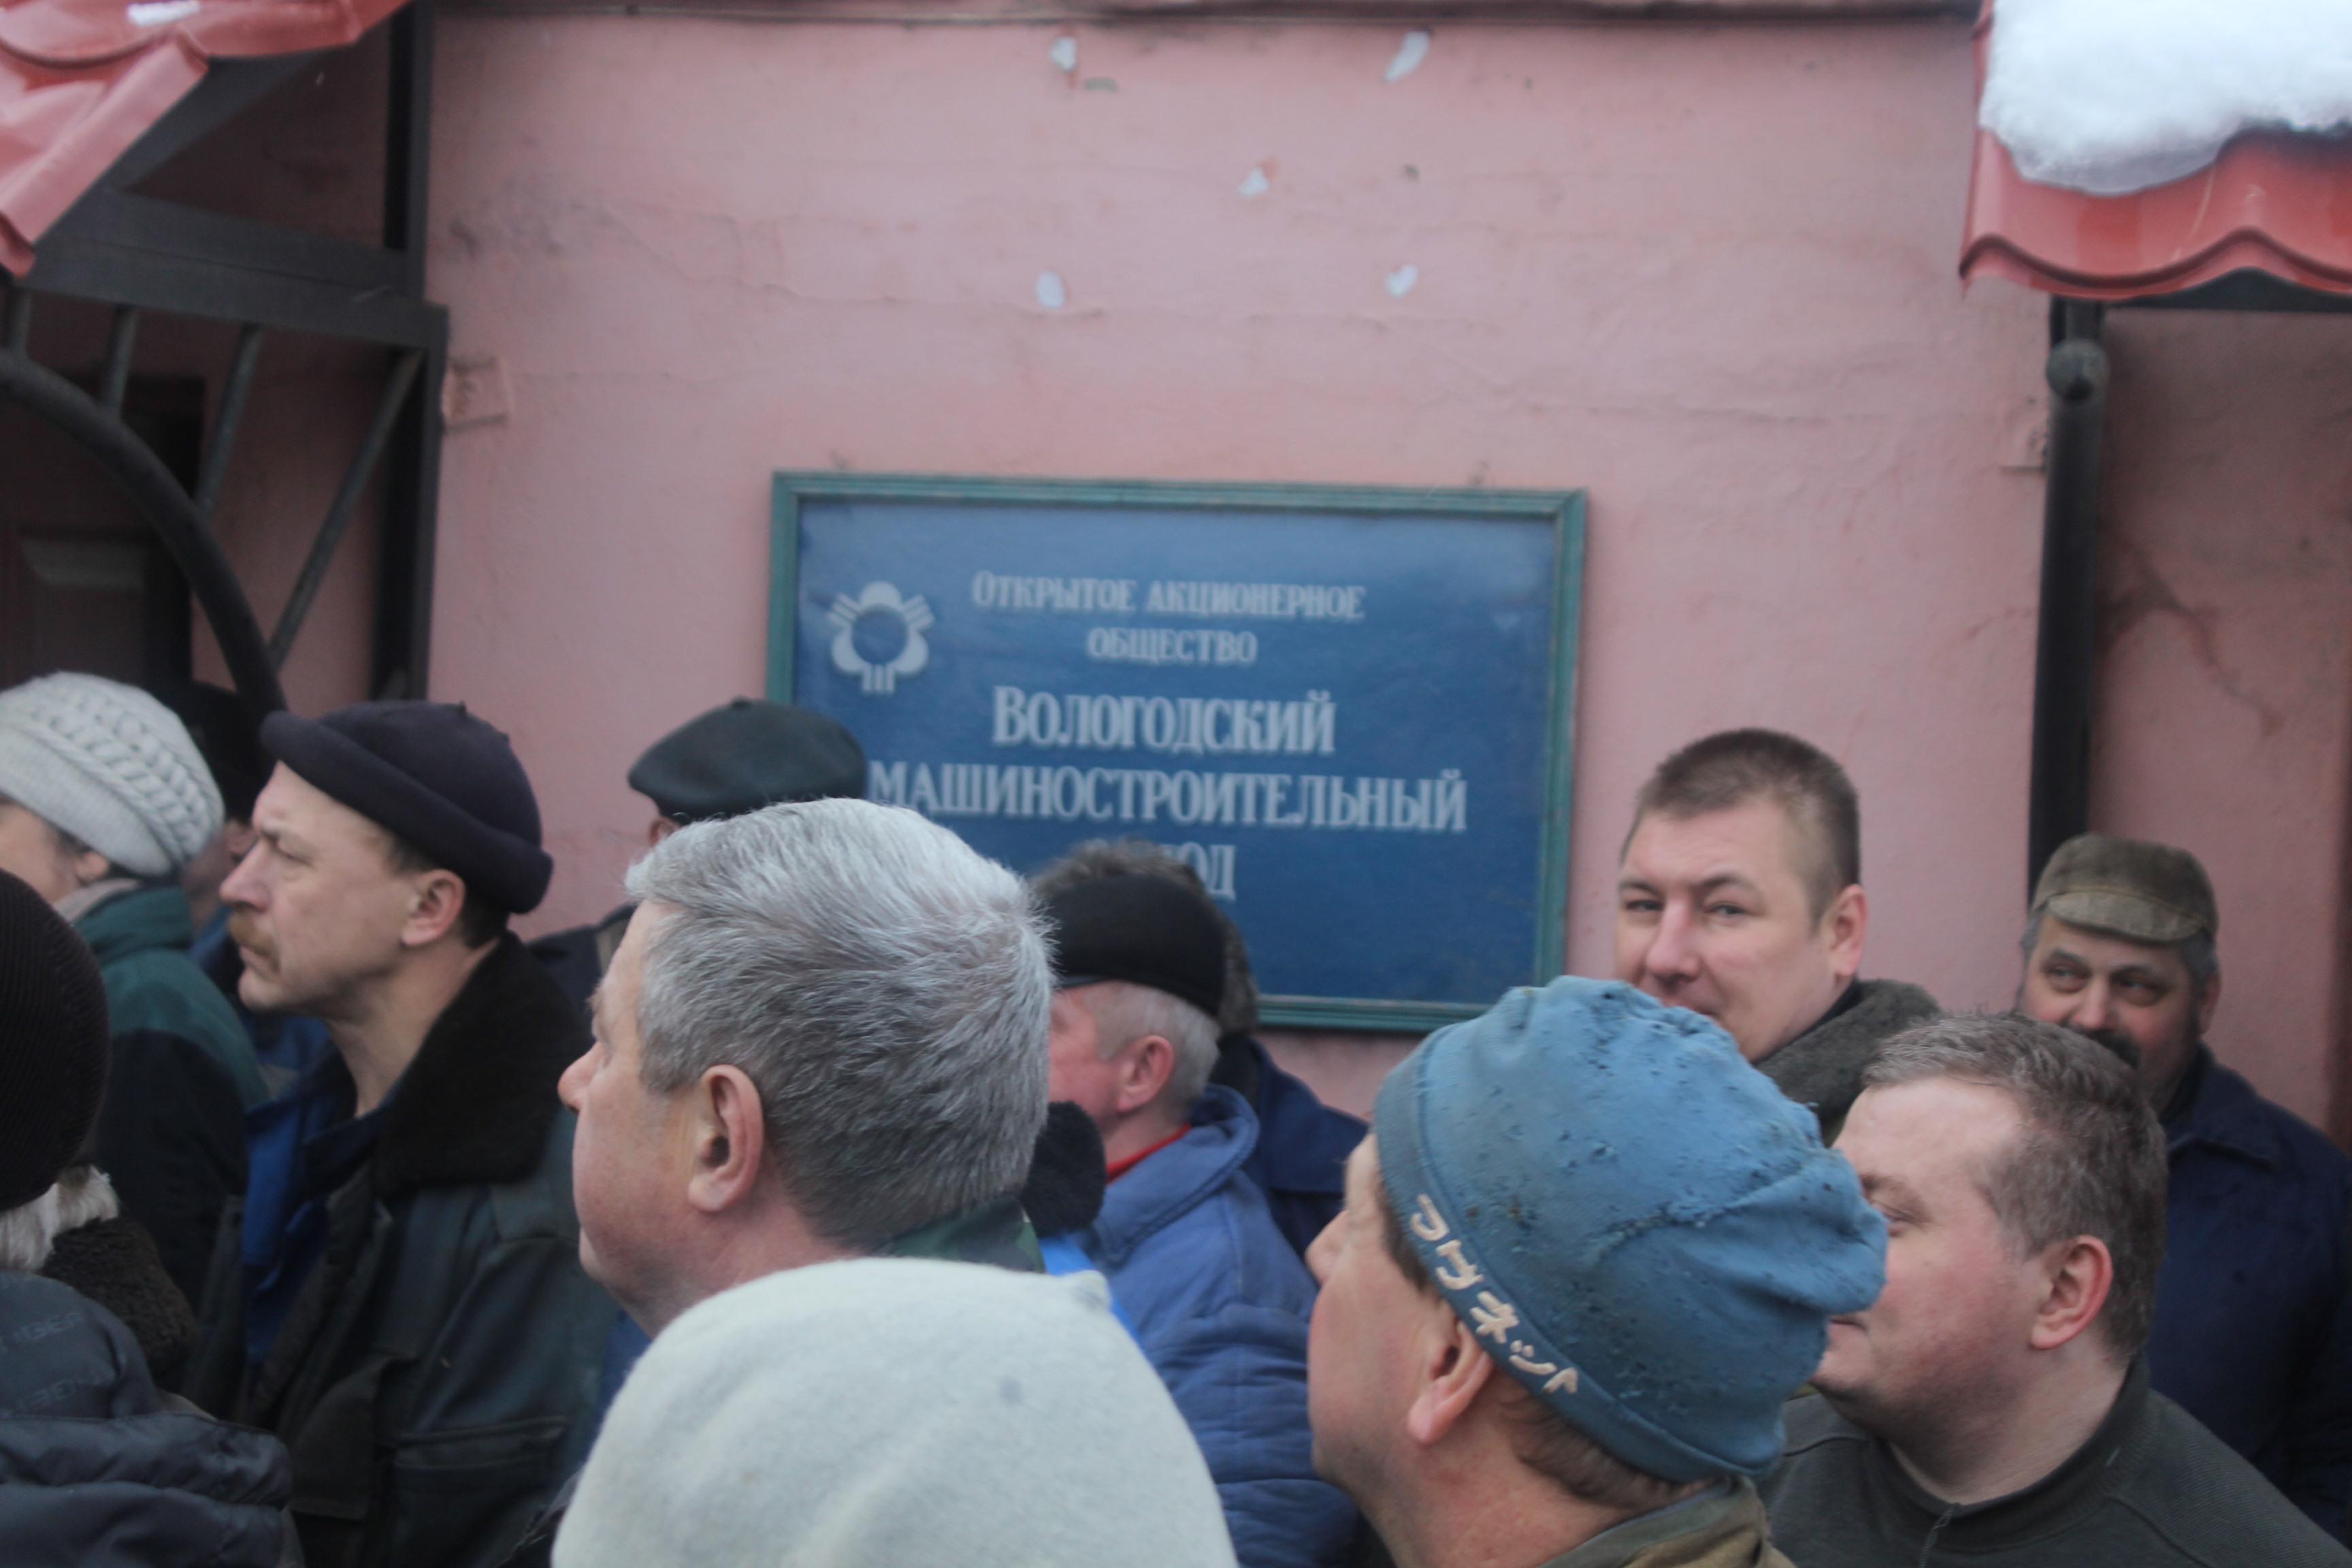 Работникам Вологодского машзавода пообещали погасить все долги по зарплате 2 октября